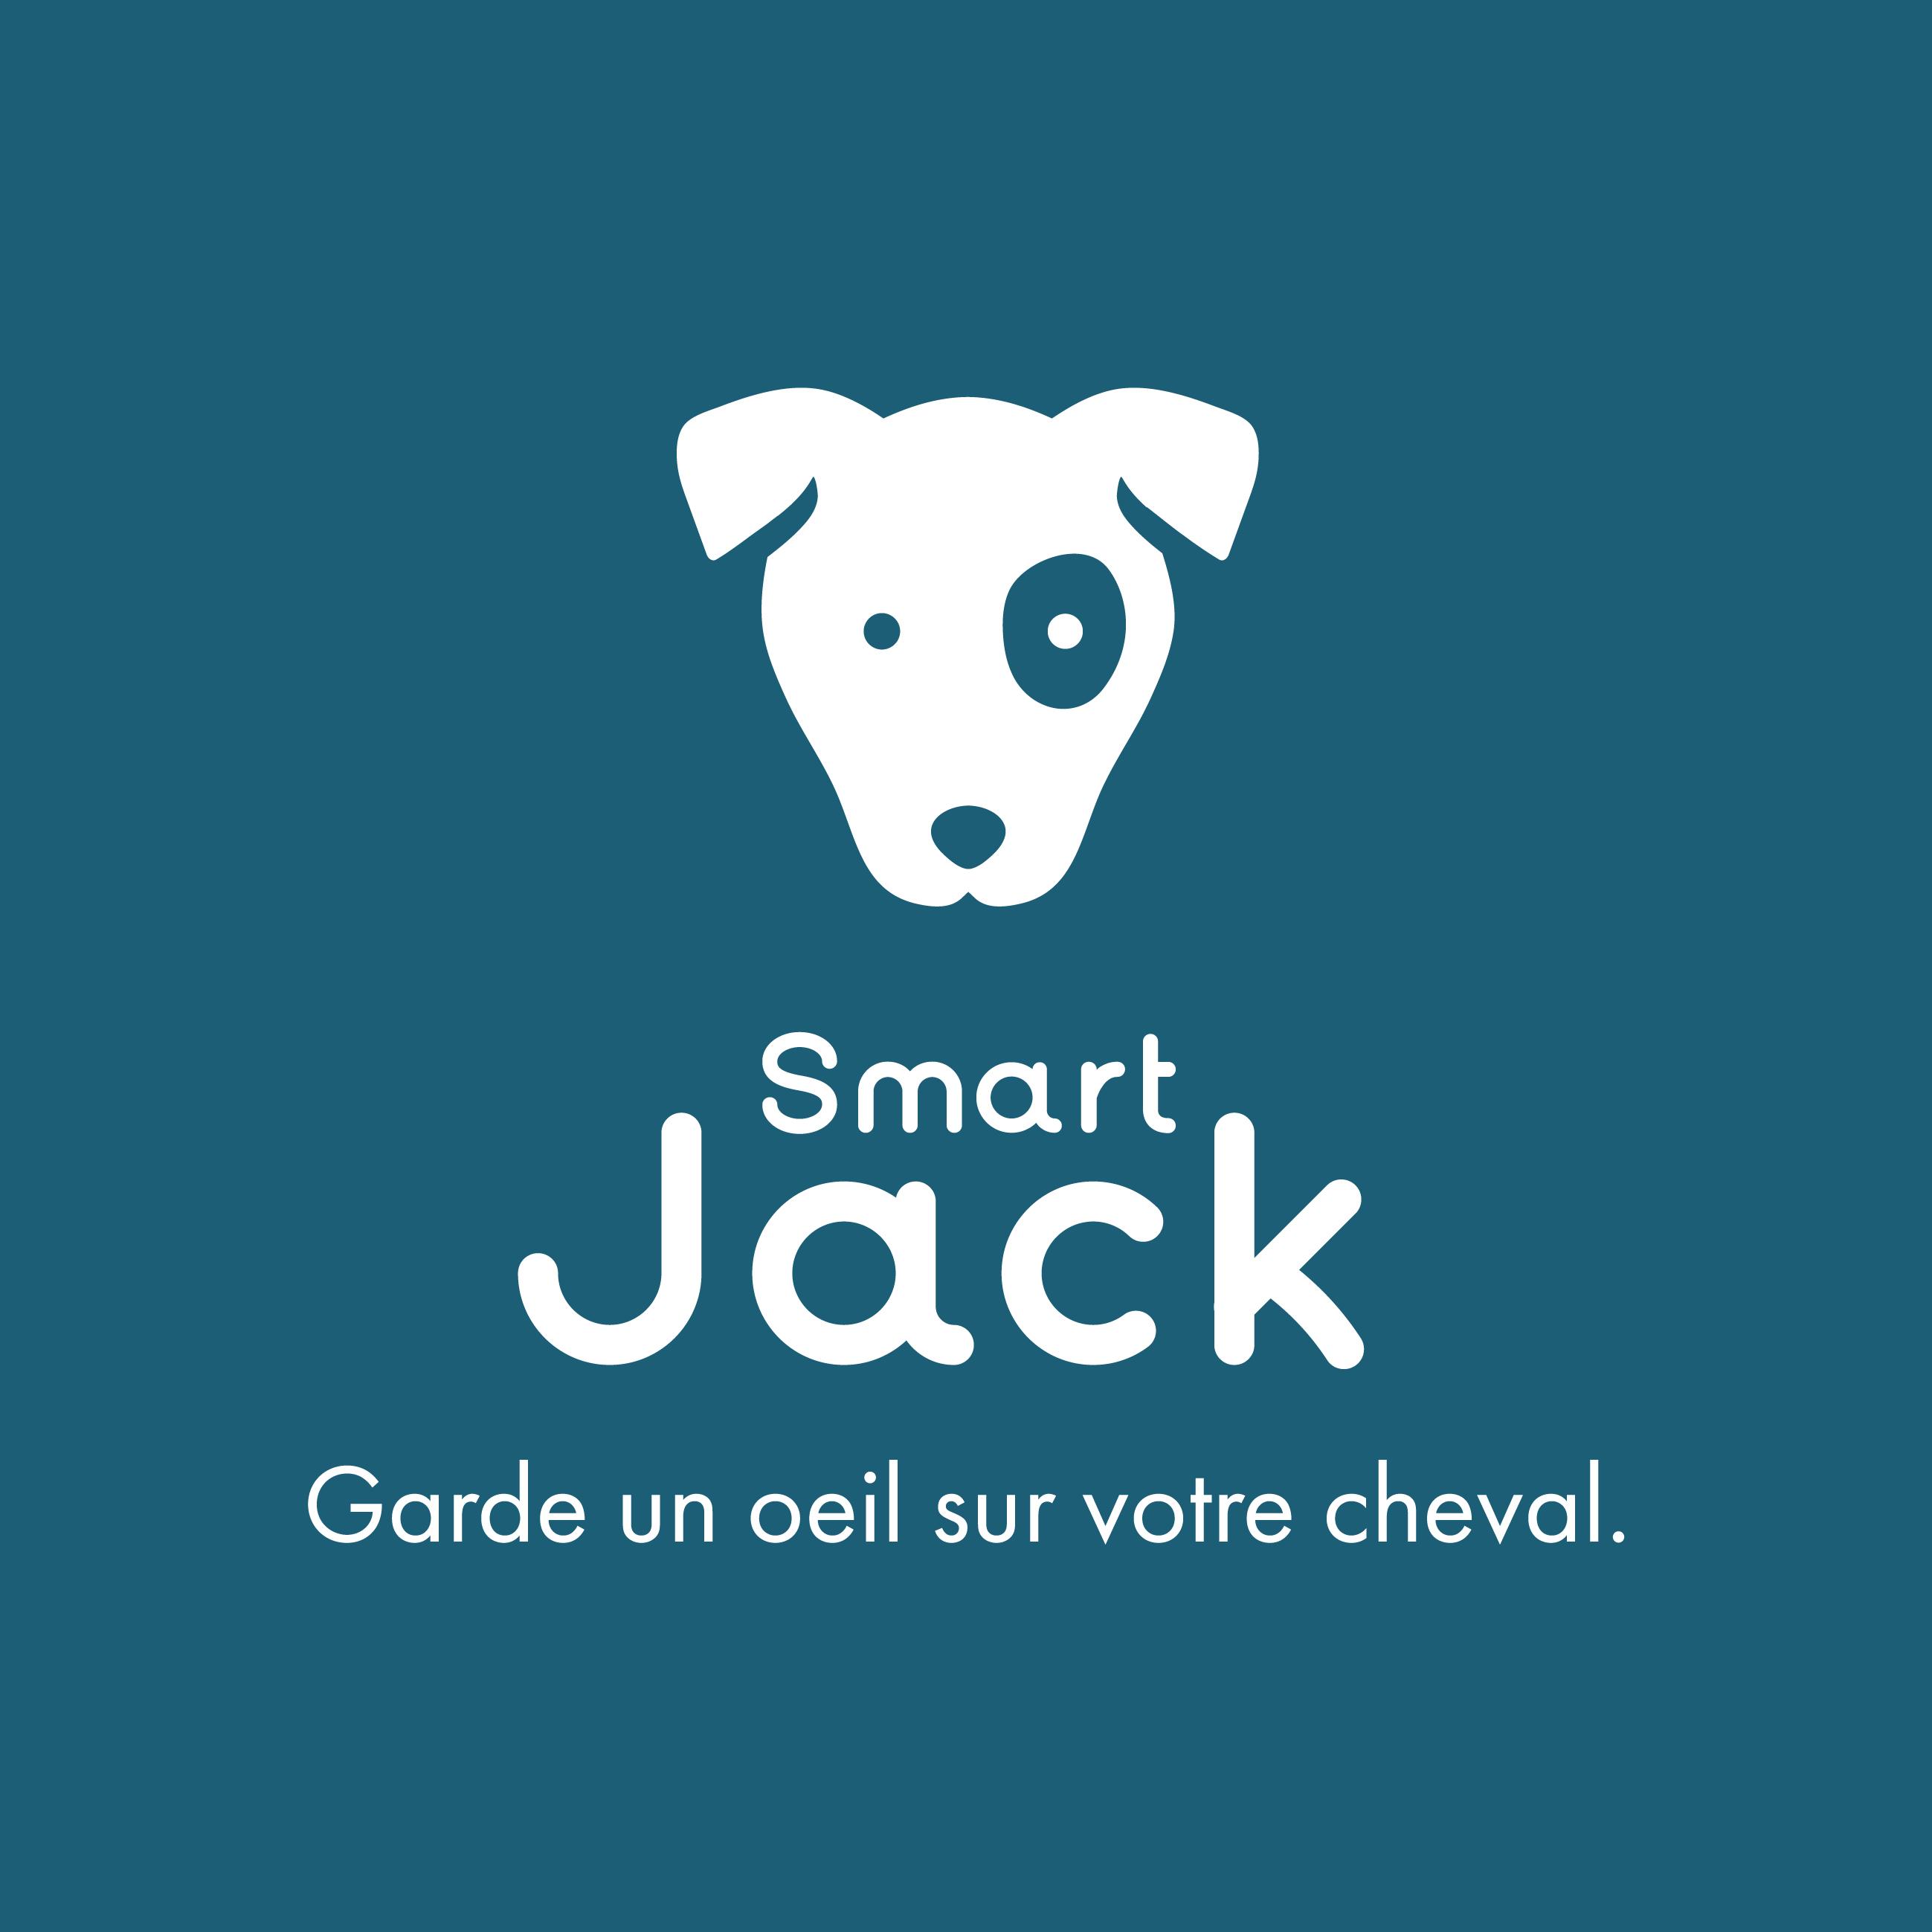 logo_jack_ok_bleu